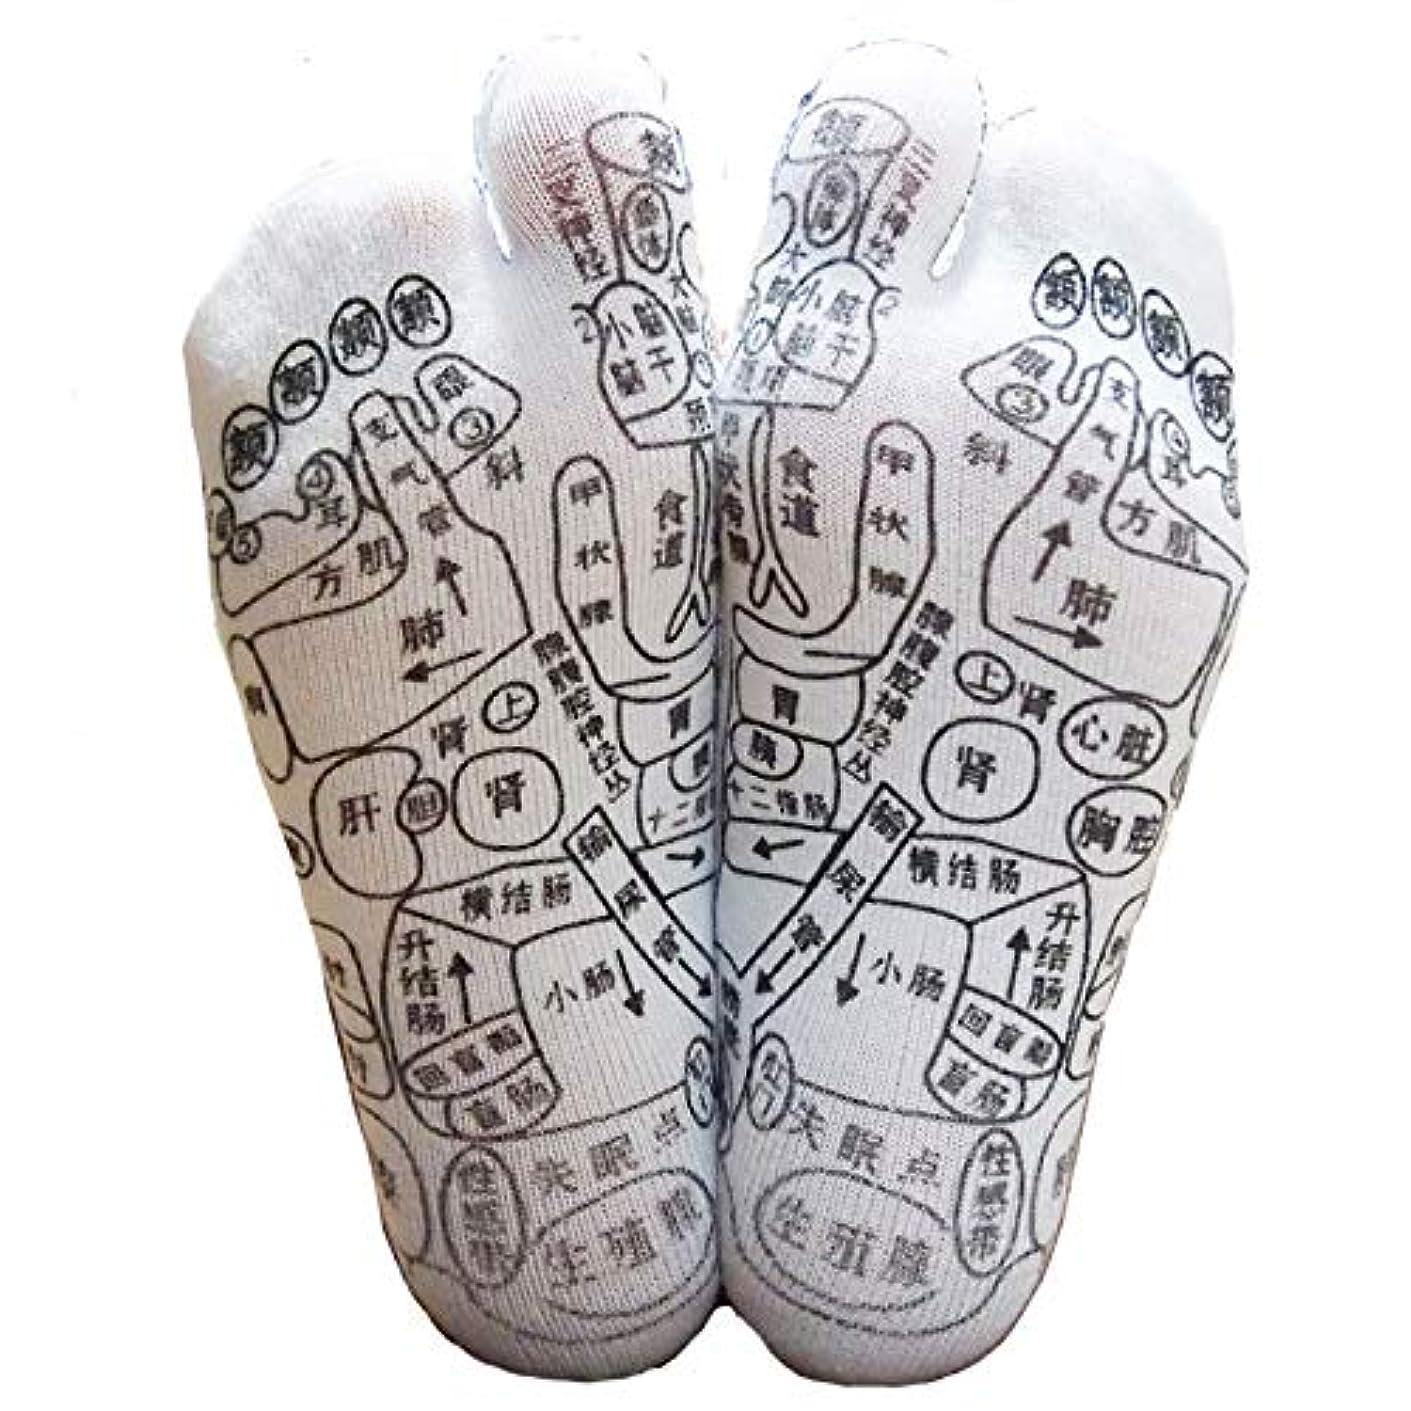 同意する面アトラス足っほ靴下 足裏つぼ靴下 足ツボソックス 反射区 プリント くつした ツボ押しやすい 22~26センチ 字は中国語